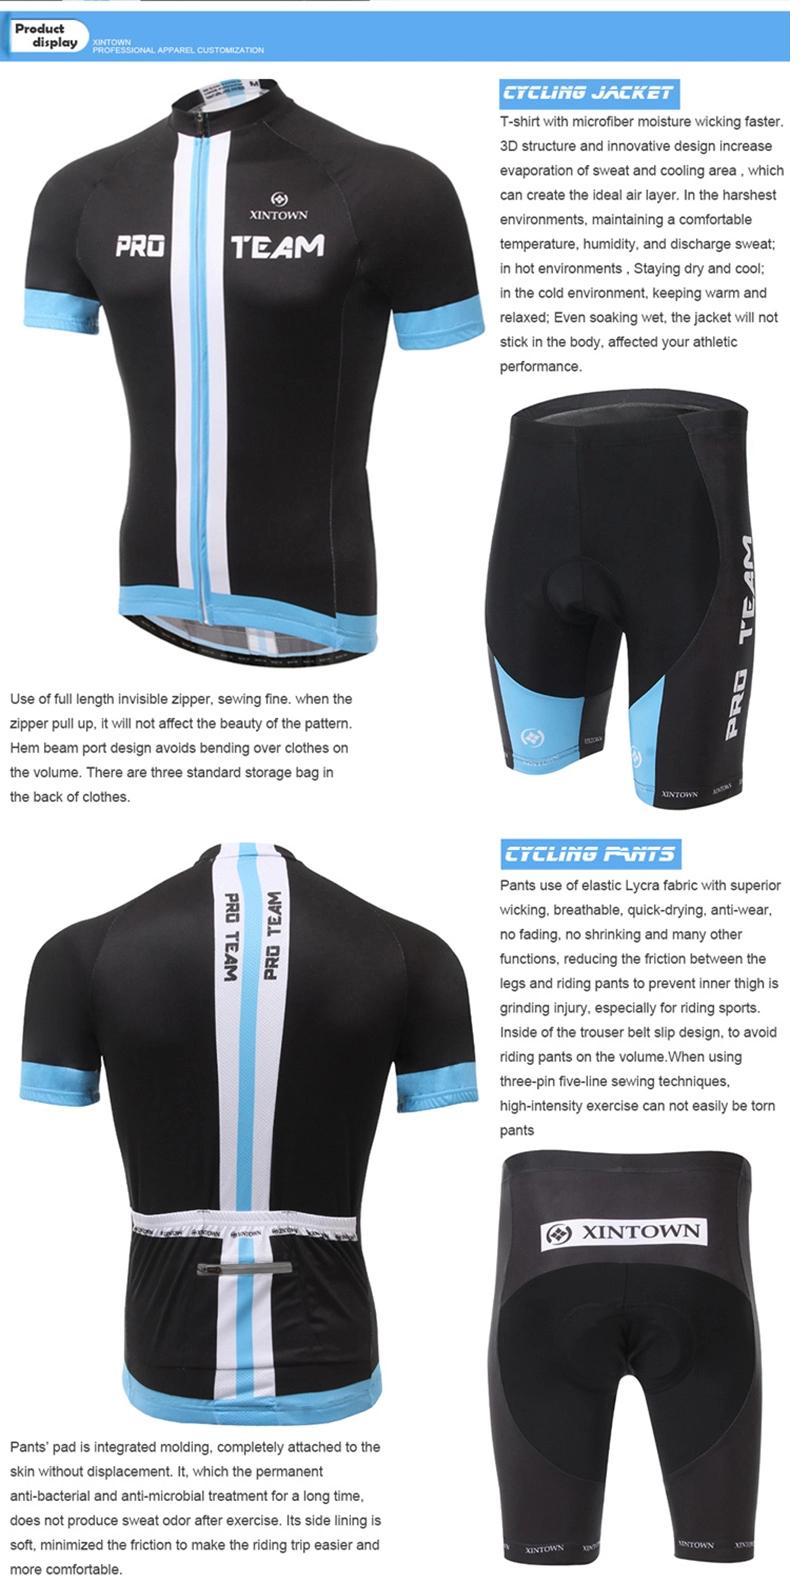 **สินค้าพรีออเดอร์**ชุดจักรยาน (เสื้อแขนสั้น + กางเกงปั่นจักรยาน) สีดำ แถบฟ้าสวย